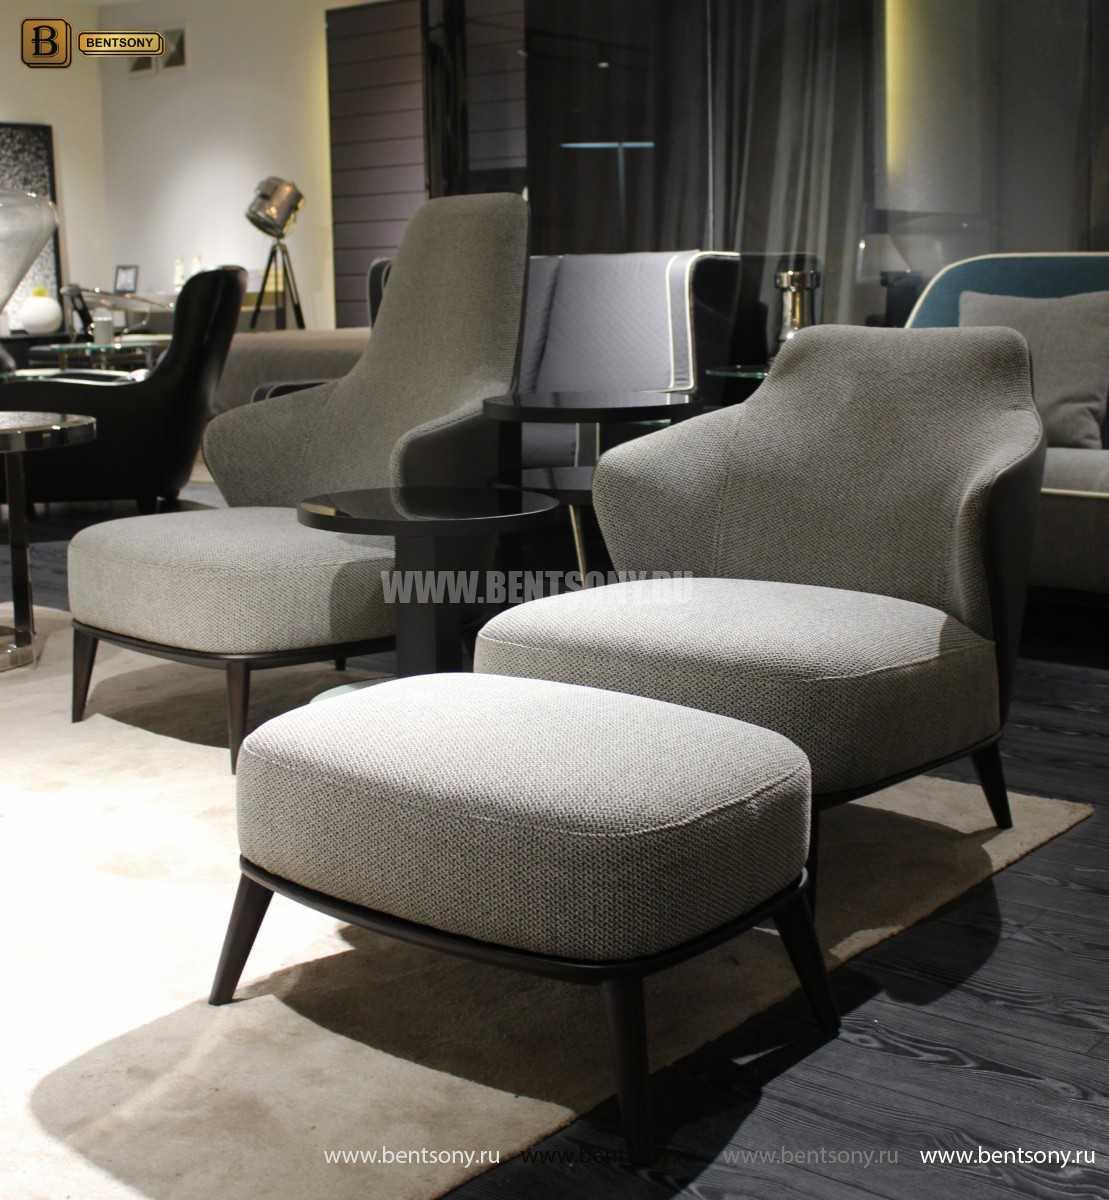 Кресло Бранд (Деревянные ножки, Пуф) купить в Москве